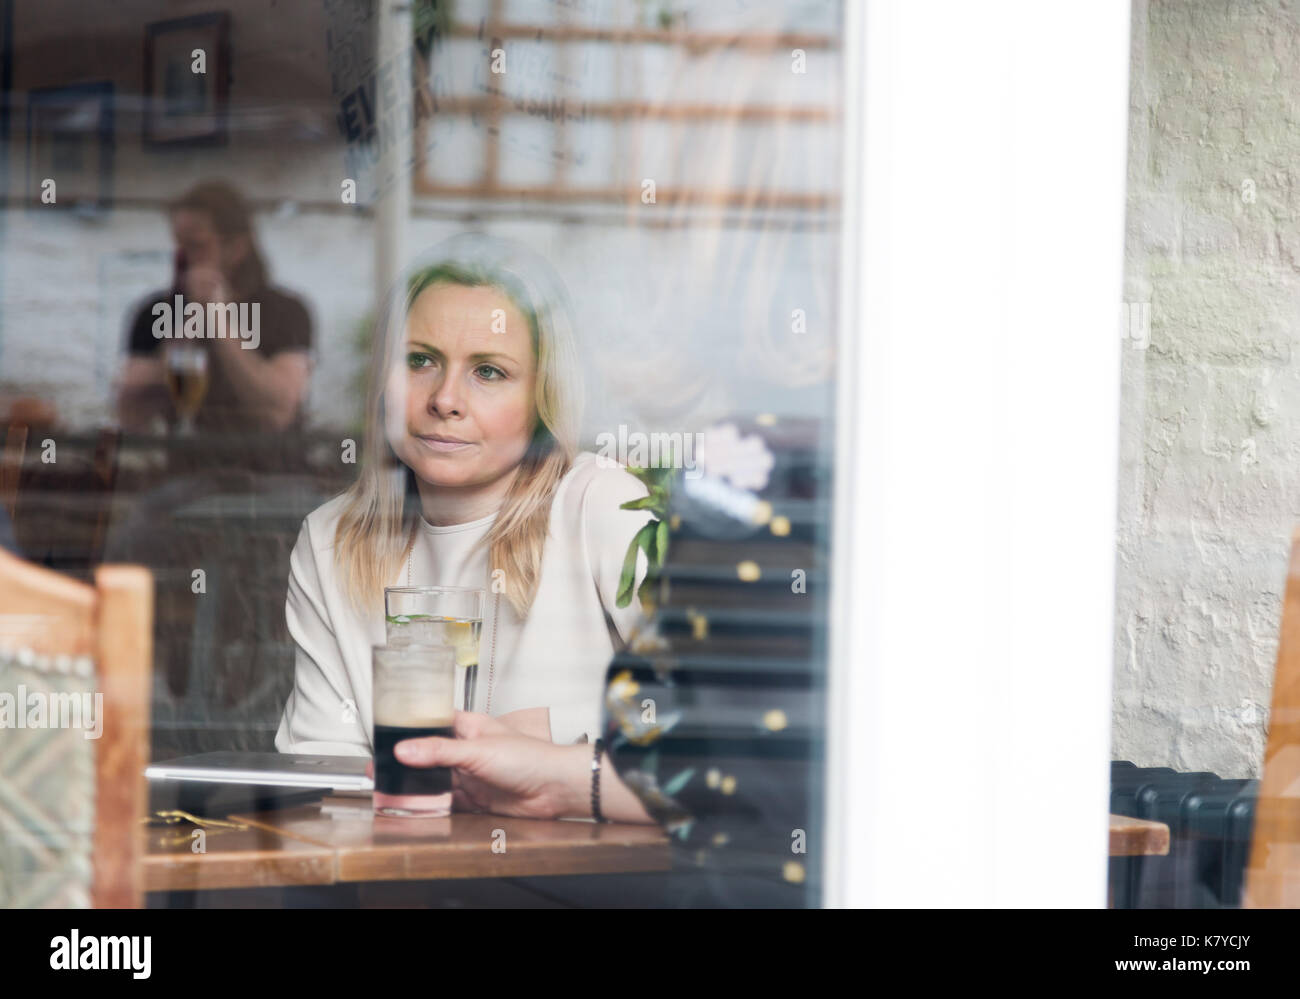 Pensativo atractiva rubia adulto joven mujer sola en el pub. Disparó a través de la ventana con los reflejos en el cristal Imagen De Stock